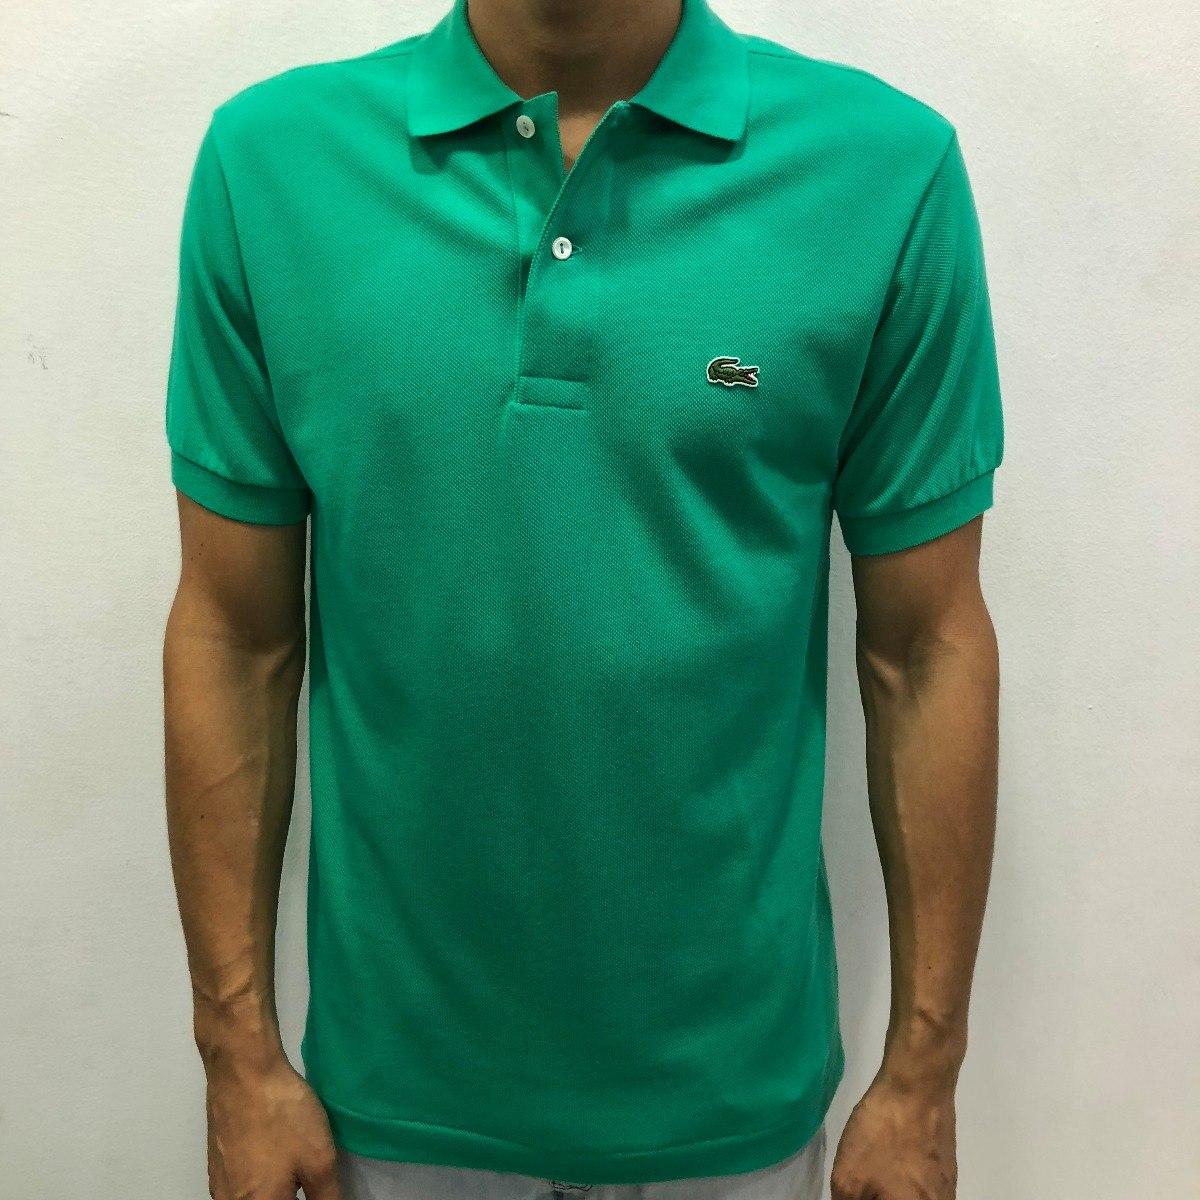 Camisa Polo Lacoste Lisa Verde Cod.044 - R  279,00 em Mercado Livre a3ef7d6343